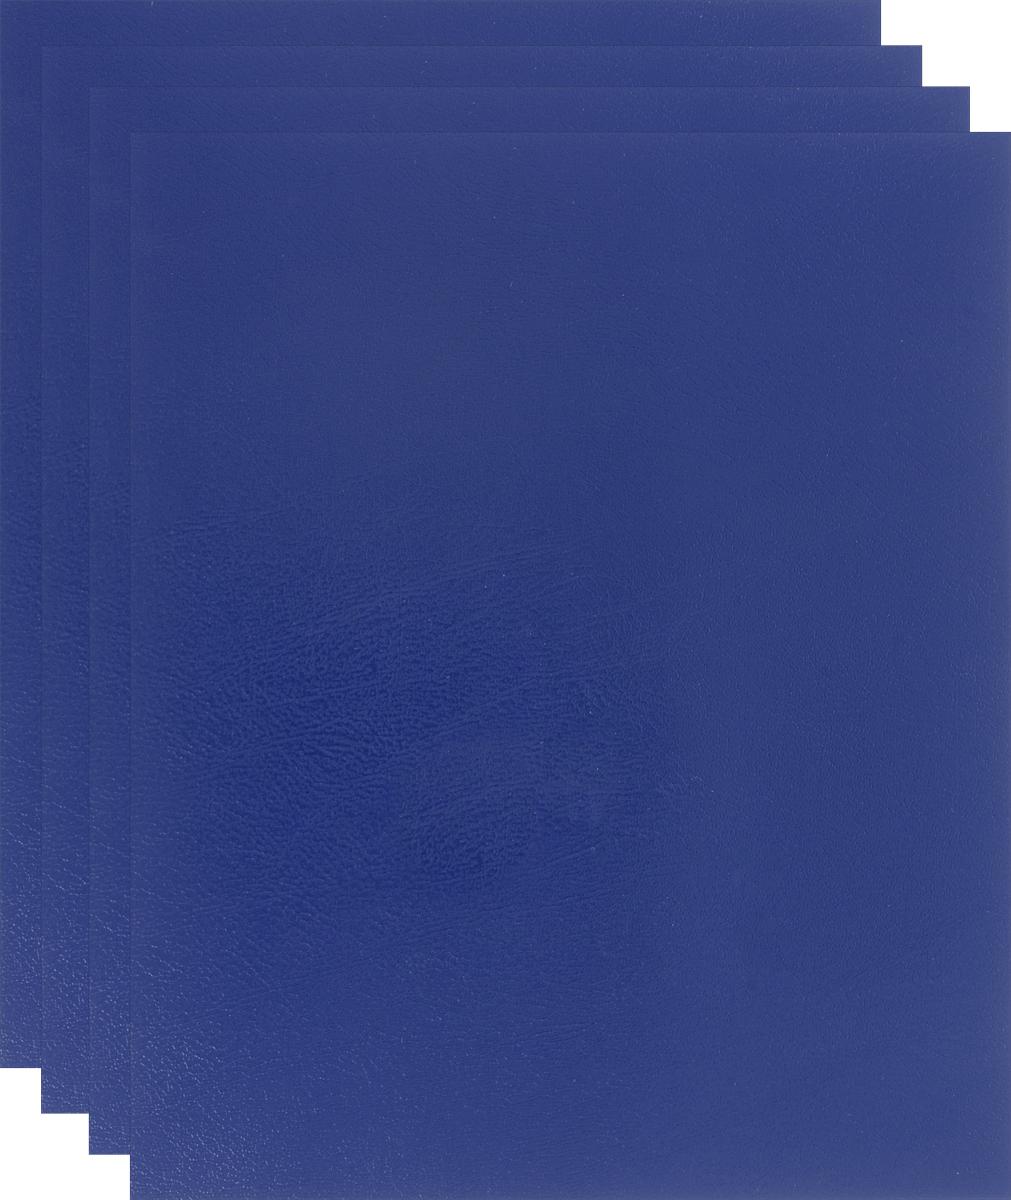 Action! Набор тетрадей Sponsor 48 листов в клетку цвет темно-синий 4 штSN-48-5/5_темно-синийКомплект тетрадей Action! Sponsor включает в себя 4 тетради.Обложка каждой тетради изготовлена из бумвинила. Внутренний блок состоит из 48 листов белой бумаги, соединенных скрепками. Стандартная линовка в голубую клетку дополнена полями, совпадающими с лицевой и оборотной стороны листа.